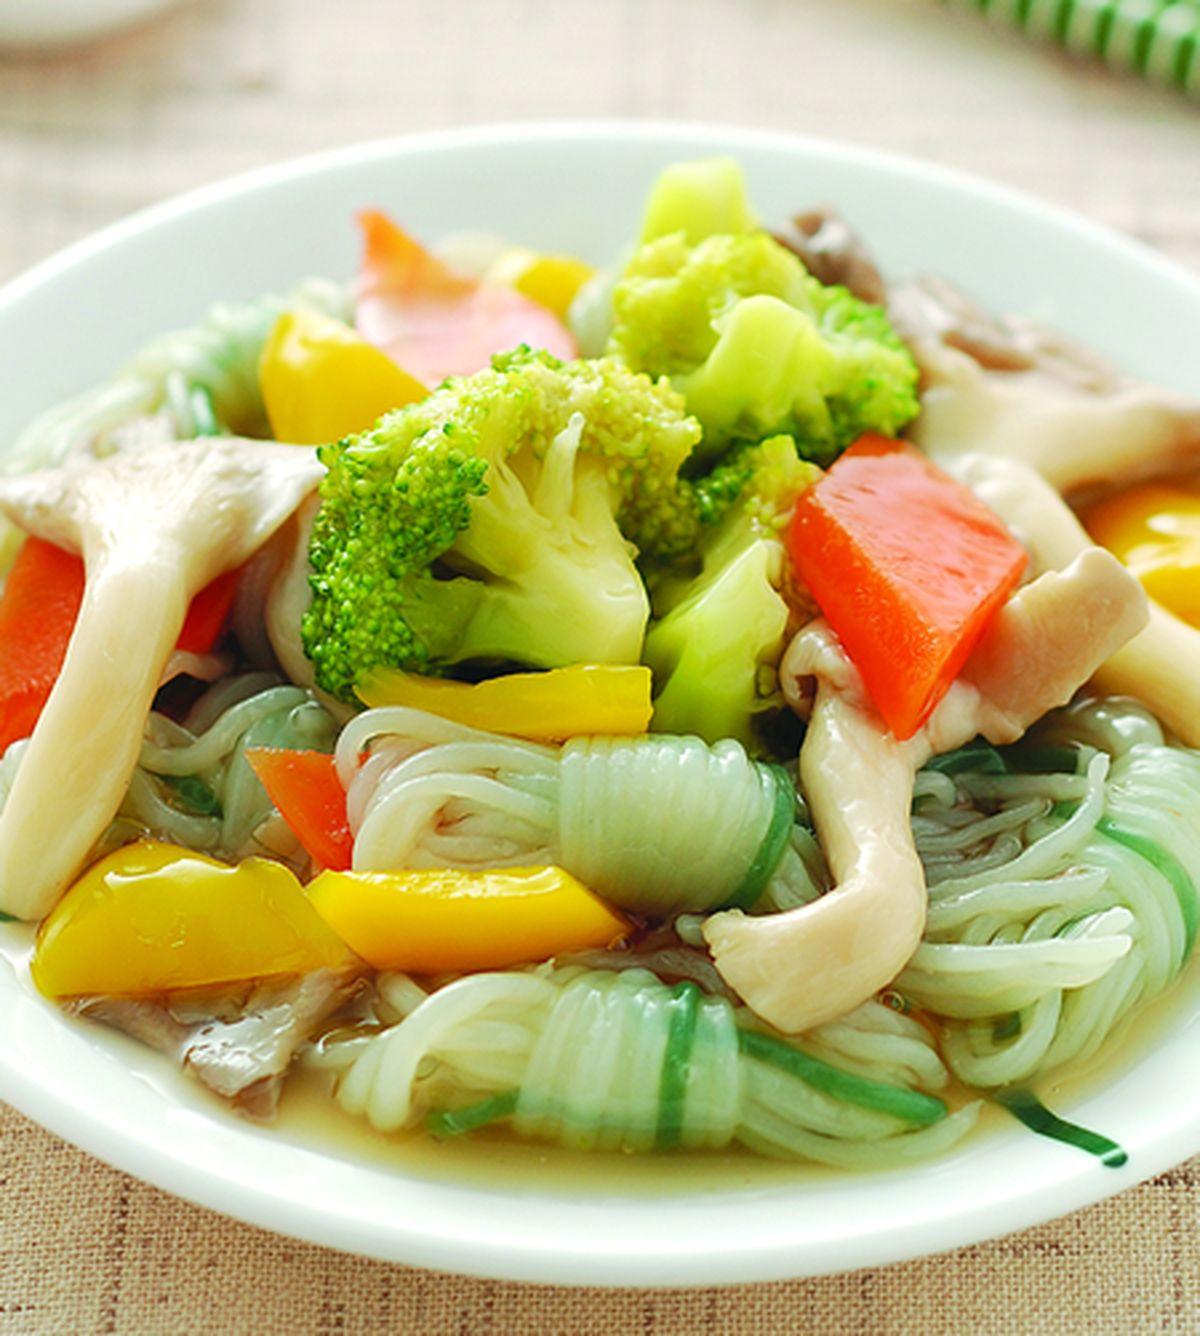 食譜:蒟蒻燴蔬菜